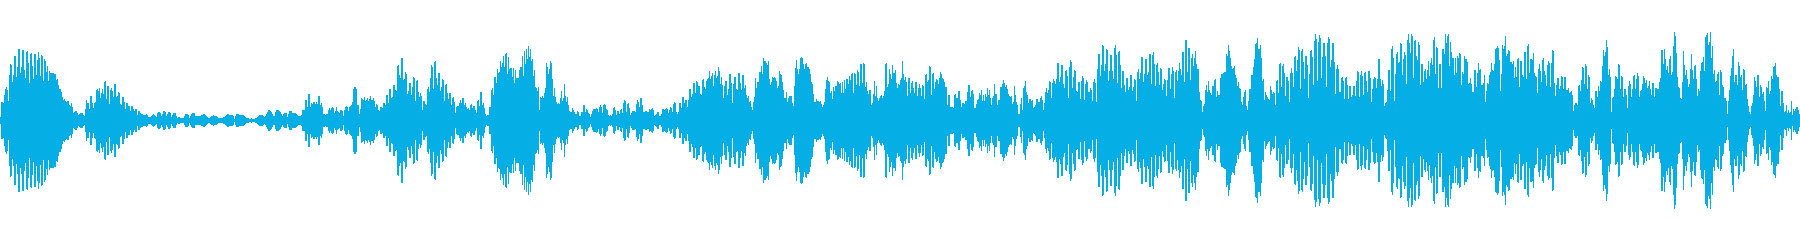 バブルウェイバートランジションの再生済みの波形